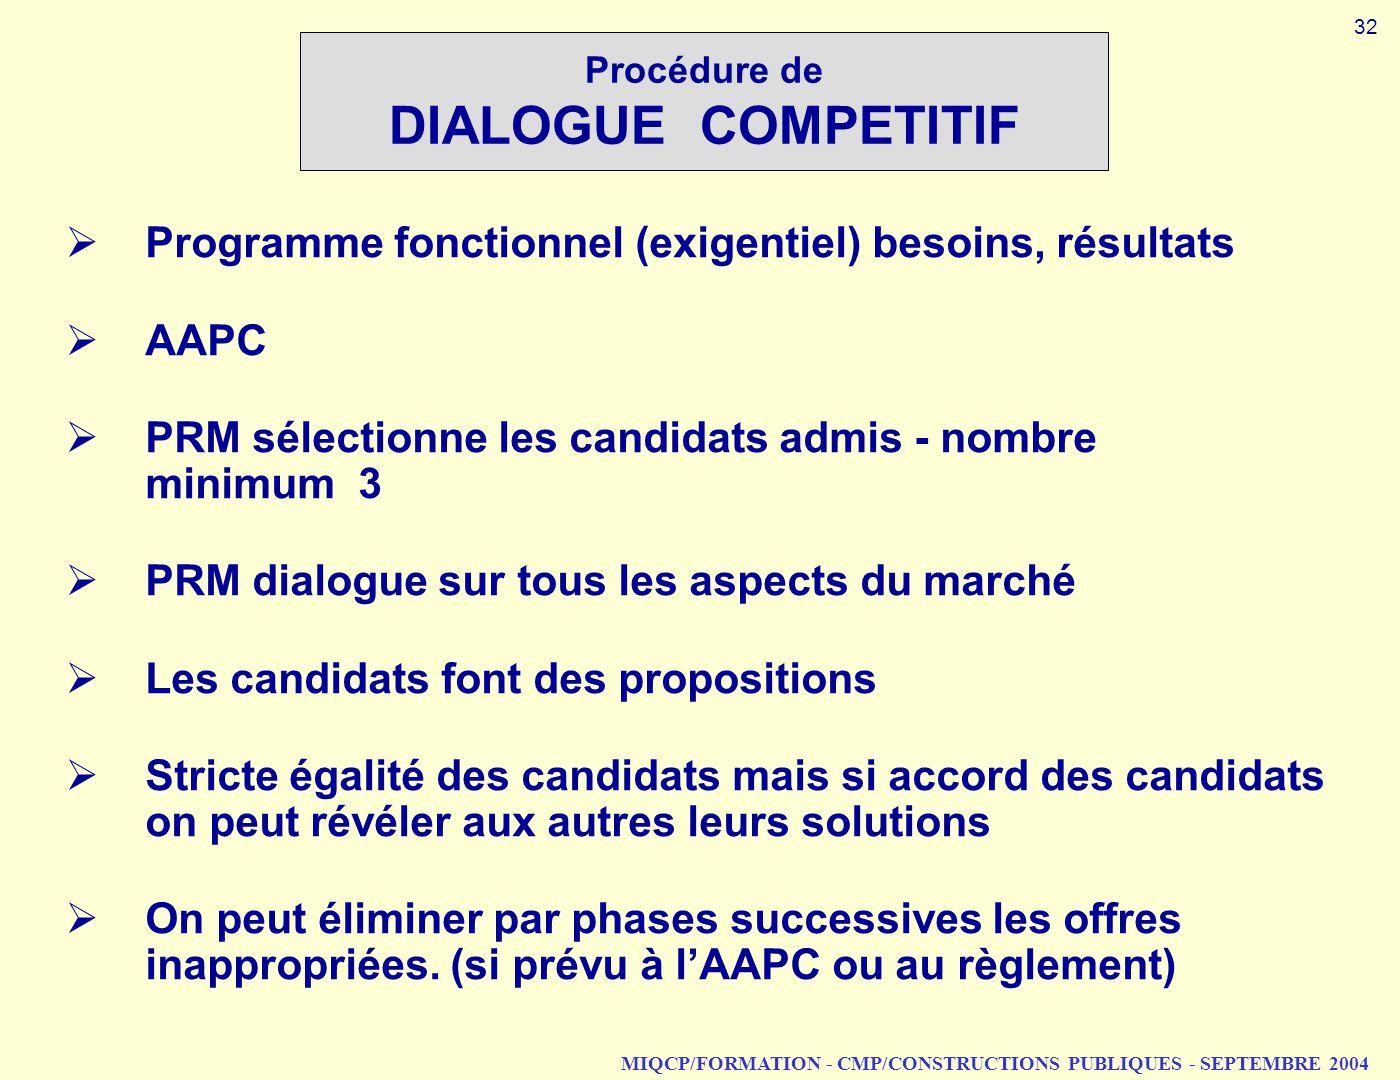 MIQCP/FORMATION - CMP/CONSTRUCTIONS PUBLIQUES - SEPTEMBRE 2004 Procédure de DIALOGUE COMPETITIF Programme fonctionnel (exigentiel) besoins, résultats